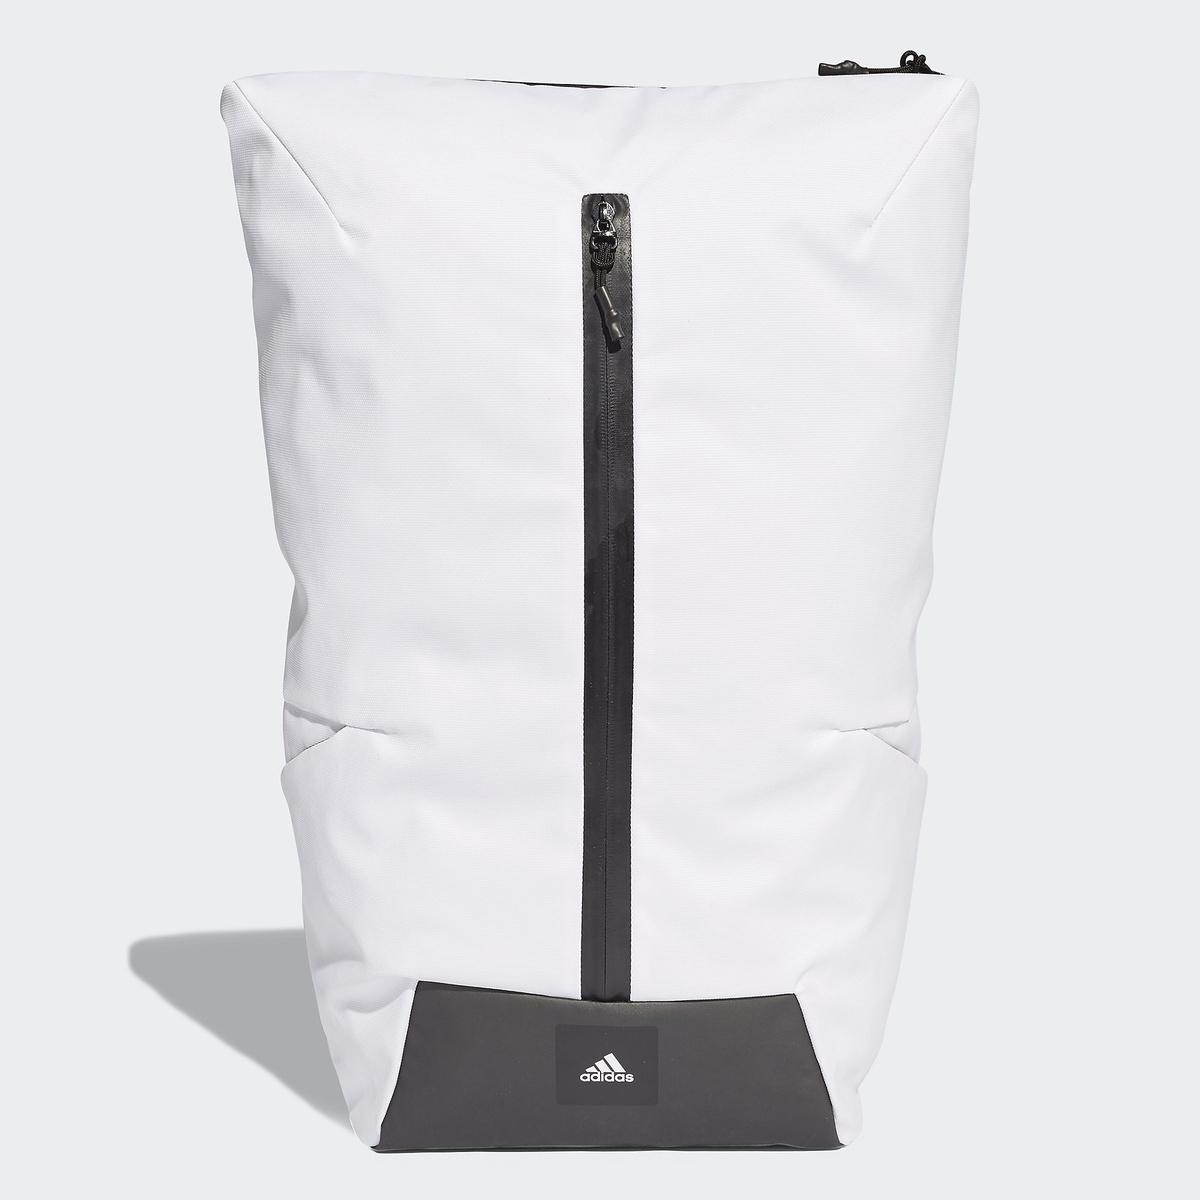 【送料無料】 adidas (アディダス) スポーツアクセサリー バッグパック ZNEバックパック NS ホワイト/ブラック/ブラック EVU32 CY6062